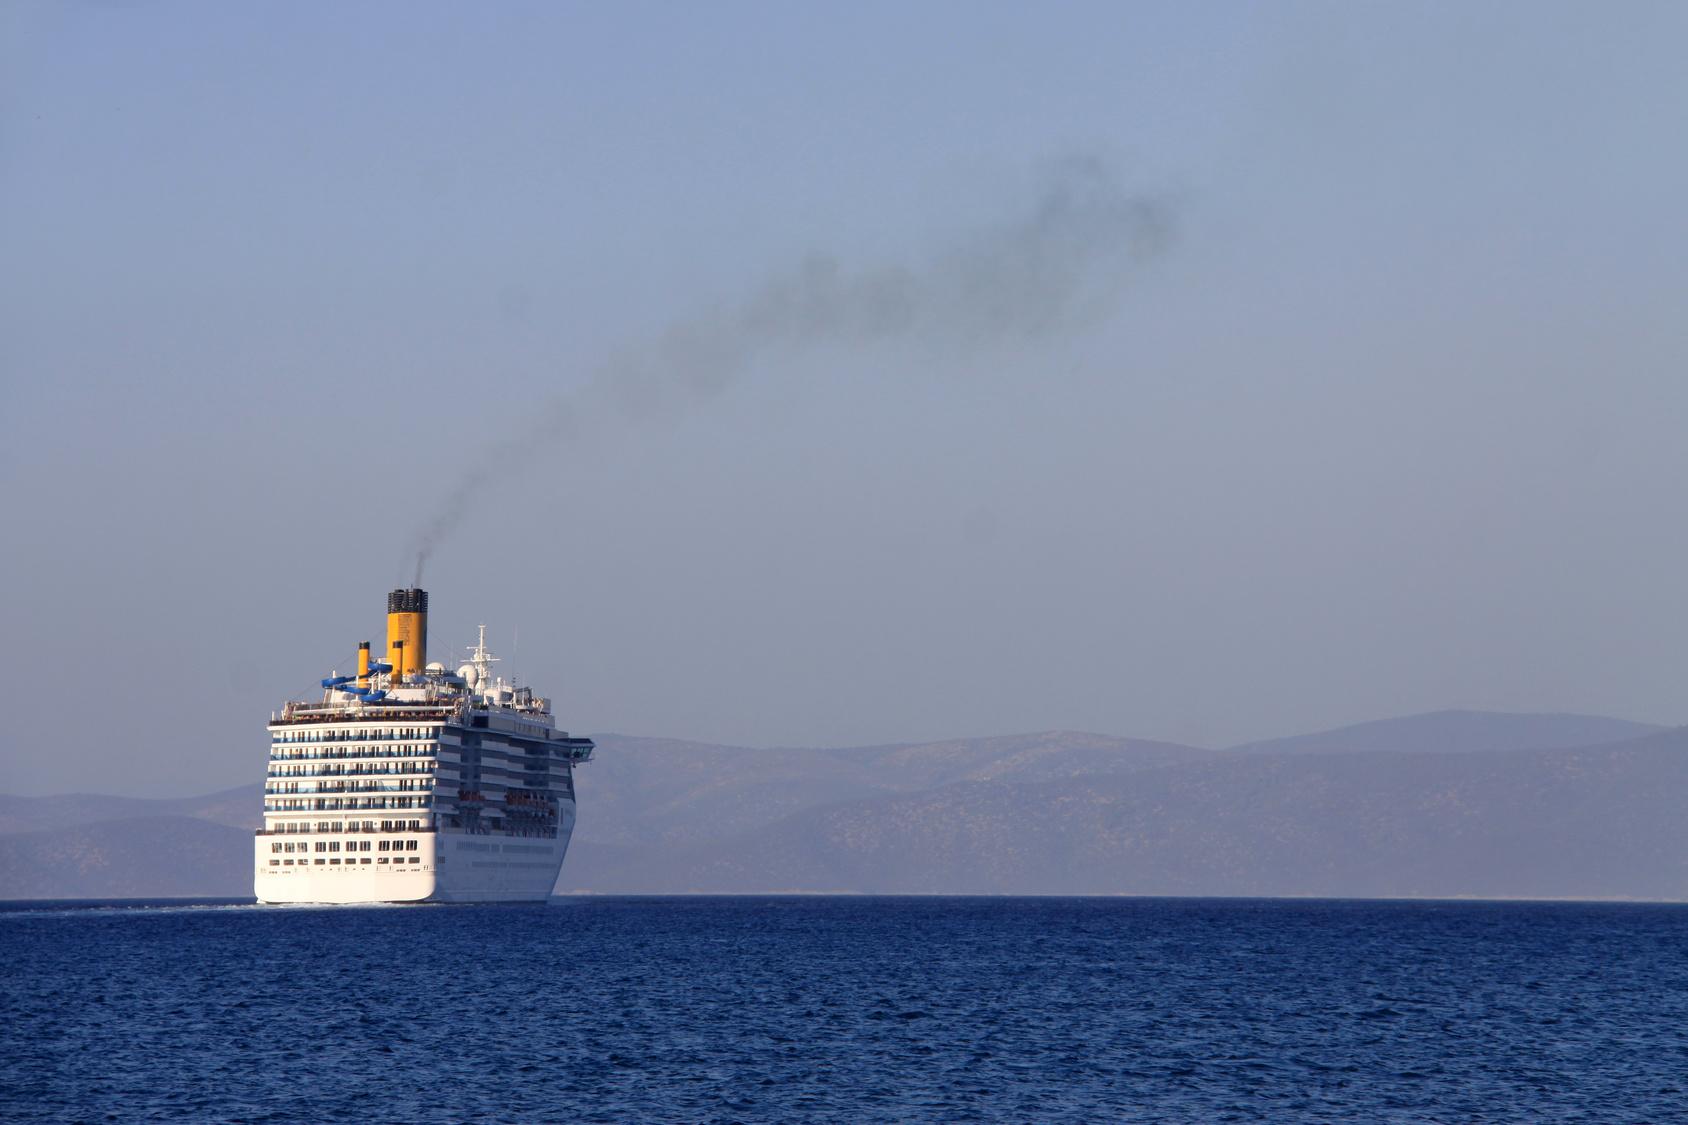 Die neue Präsidentin der EU-Kommission, Ursula von der Leyen, will CO²-Zertifikate auch für Schiffe. In ihrem Programm für die Legislaturperiode bis 2024